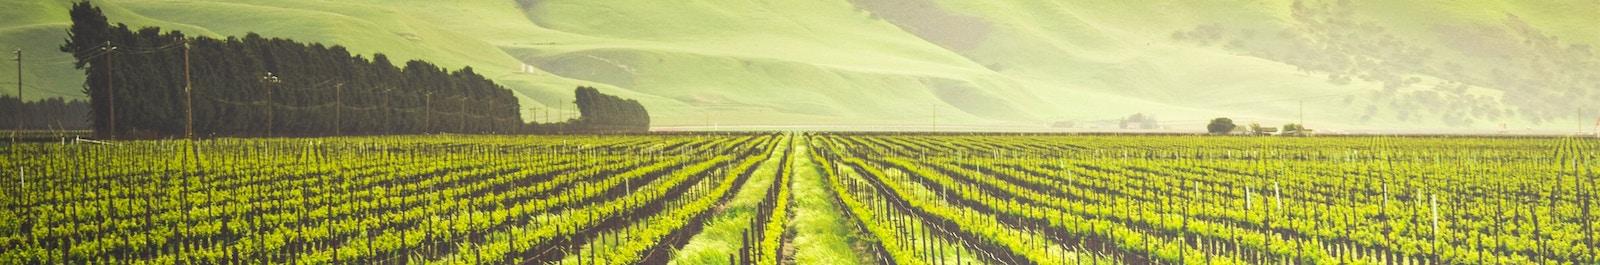 Crops in Soledad, CA